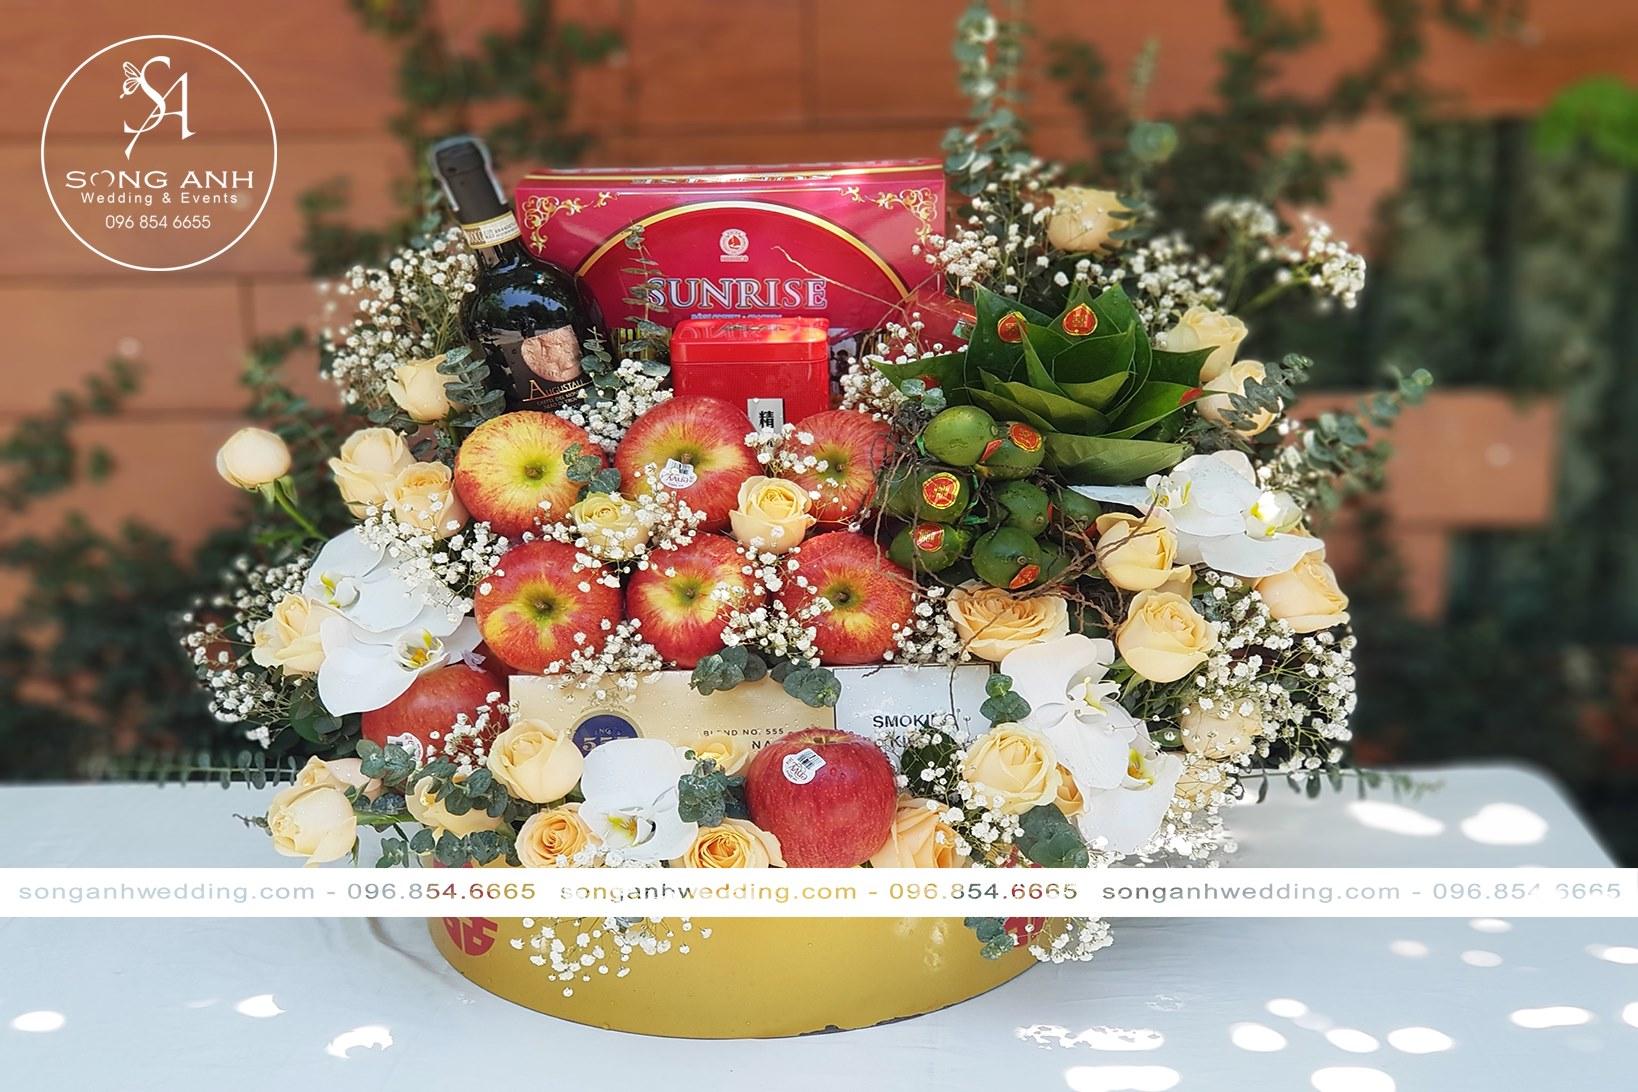 Tráp hoa quả cầu chúc hôn nhân của đôi uyên ương luôn ngọt ngào đơm hoa kết trái